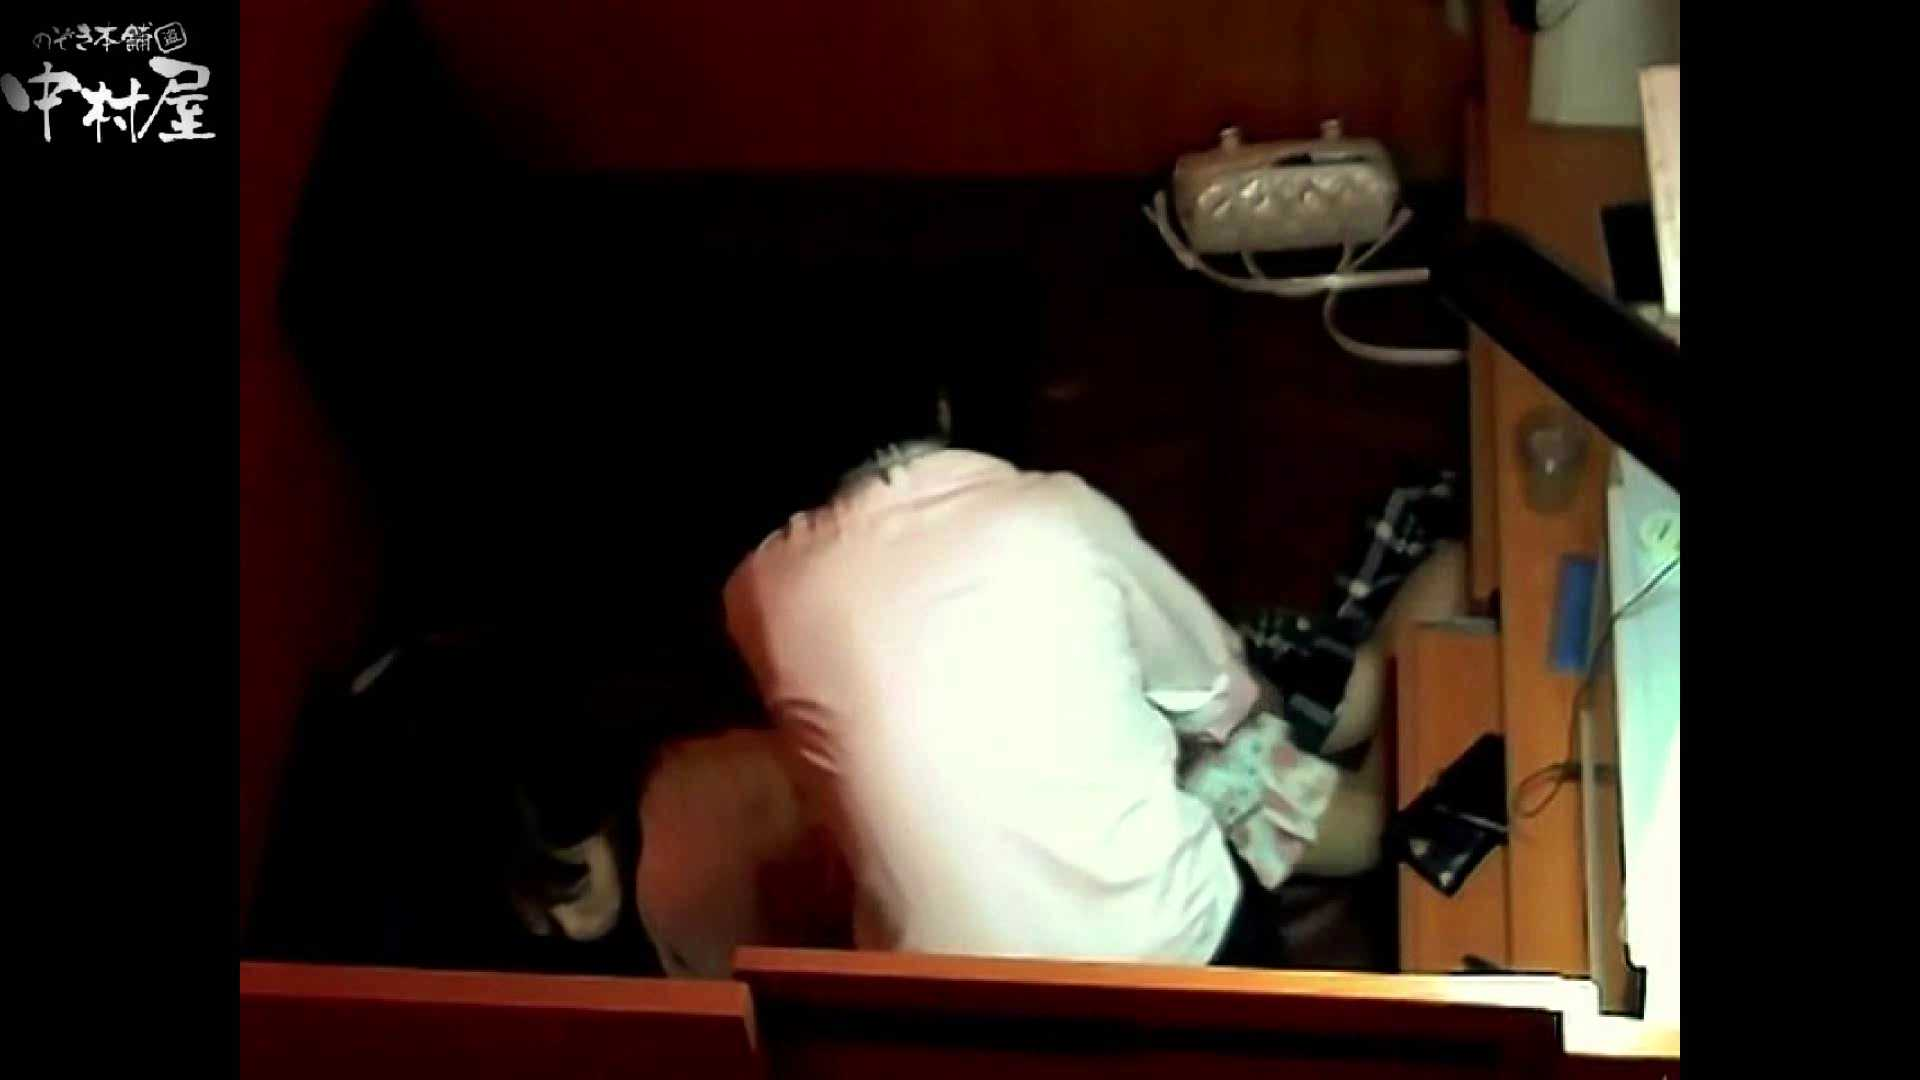 ネットカフェ盗撮師トロントさんの 素人カップル盗撮記vol.9 乳首  71連発 60